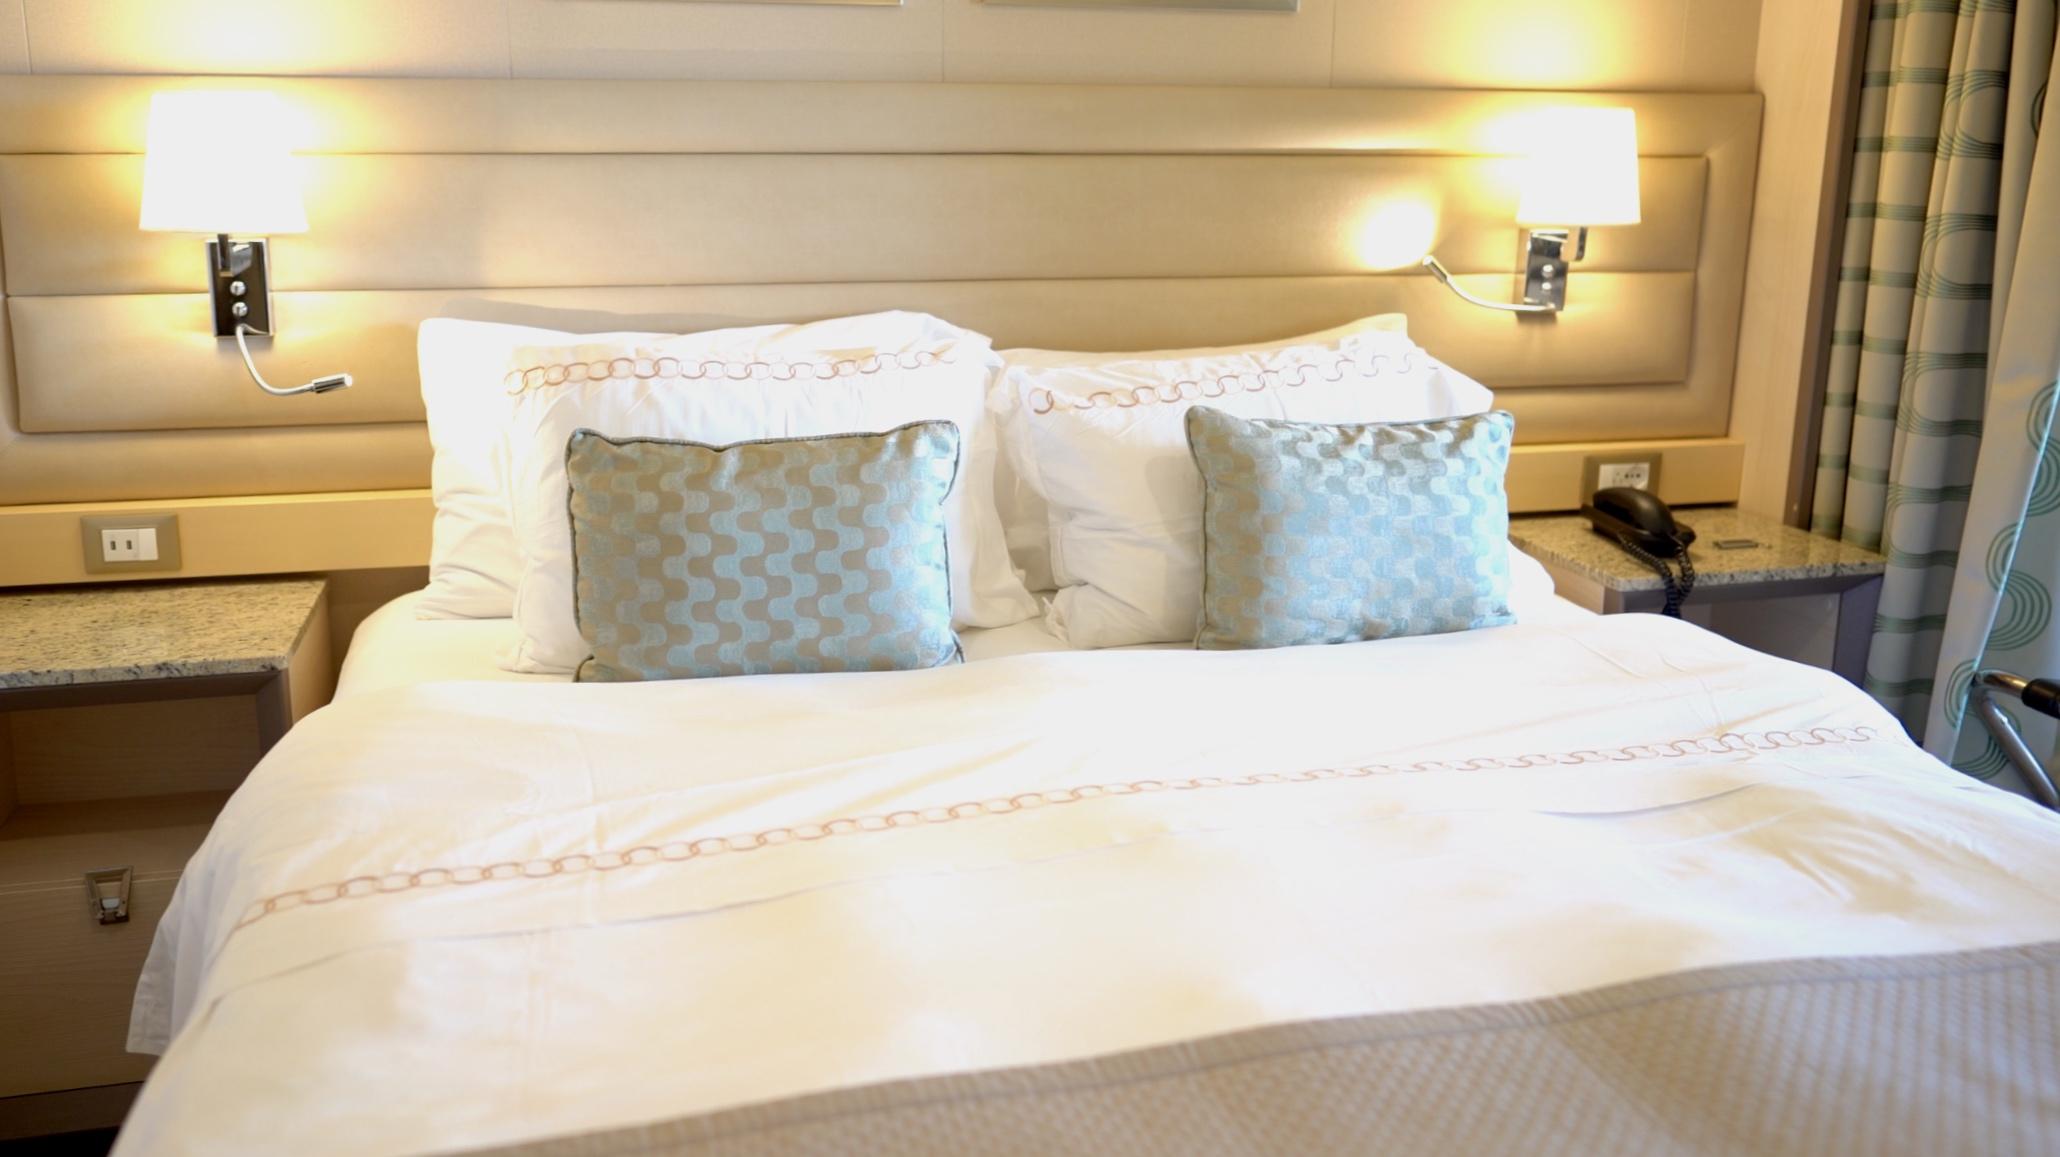 Luxurious Italian bedlinen.